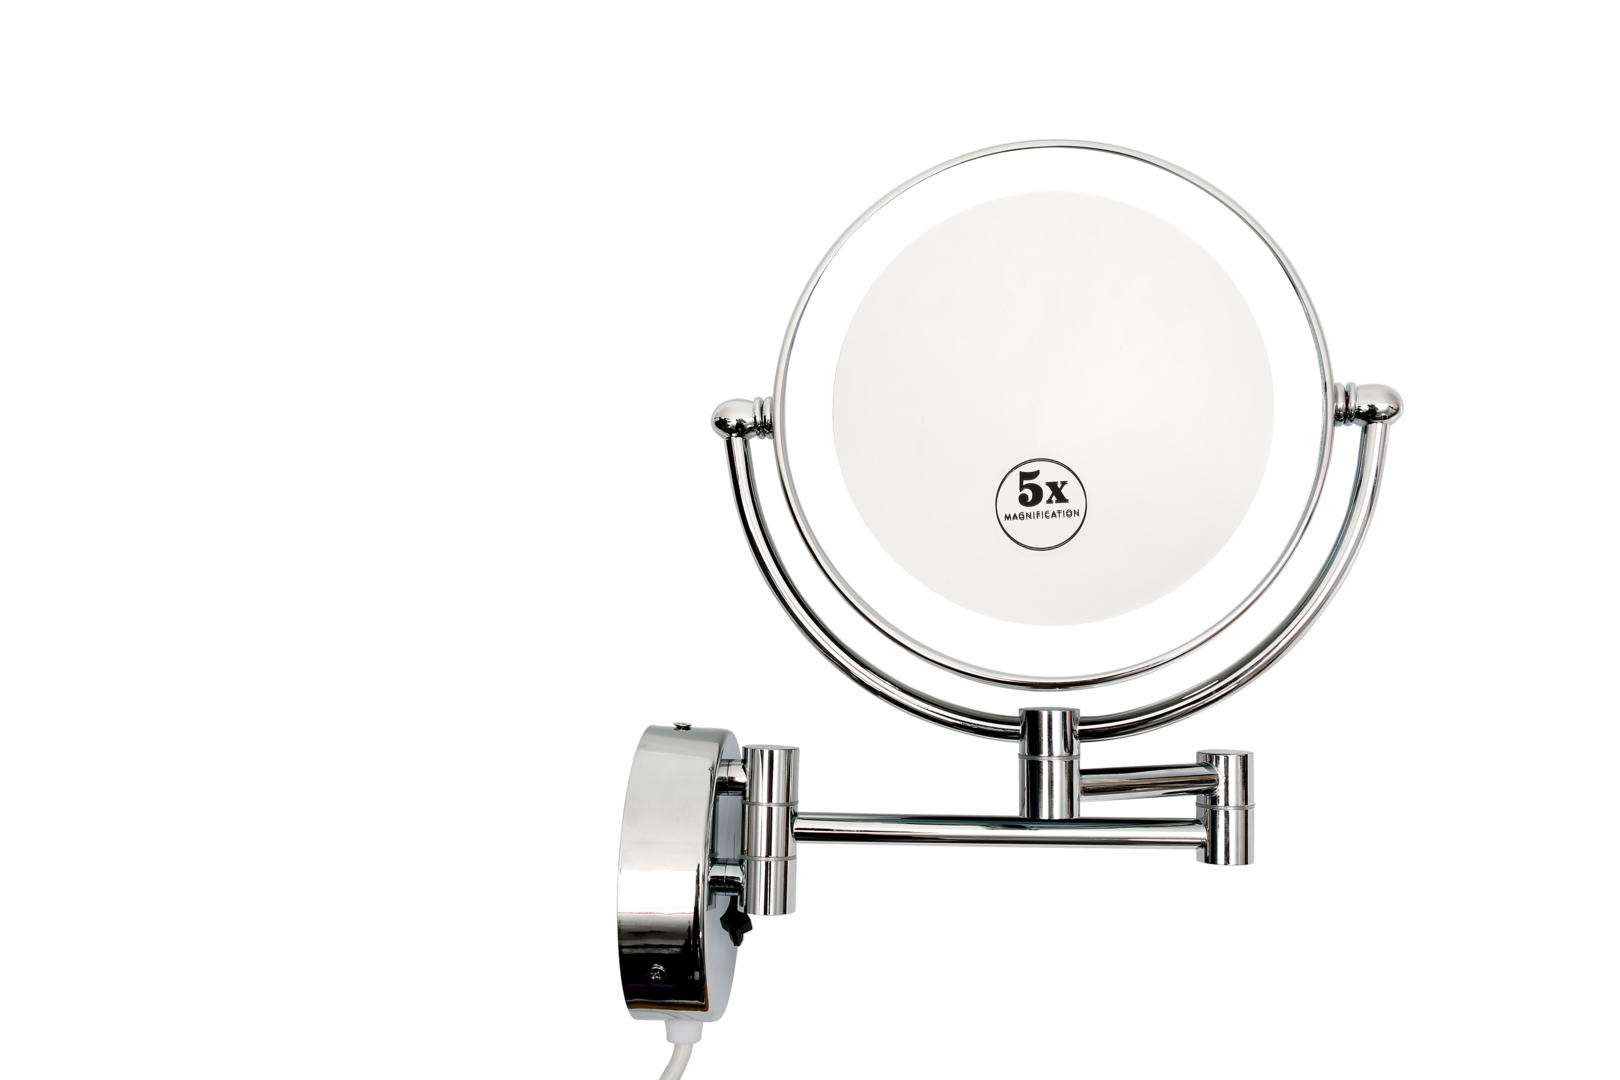 Led Kosmetikspiegel Kiew 5 Fach Vergrosserung Badezimmer Badspiegel Inneneinrichtung Bathroom Lichtspiegel Lightedmirror B Led Lichtspiegel Kosme